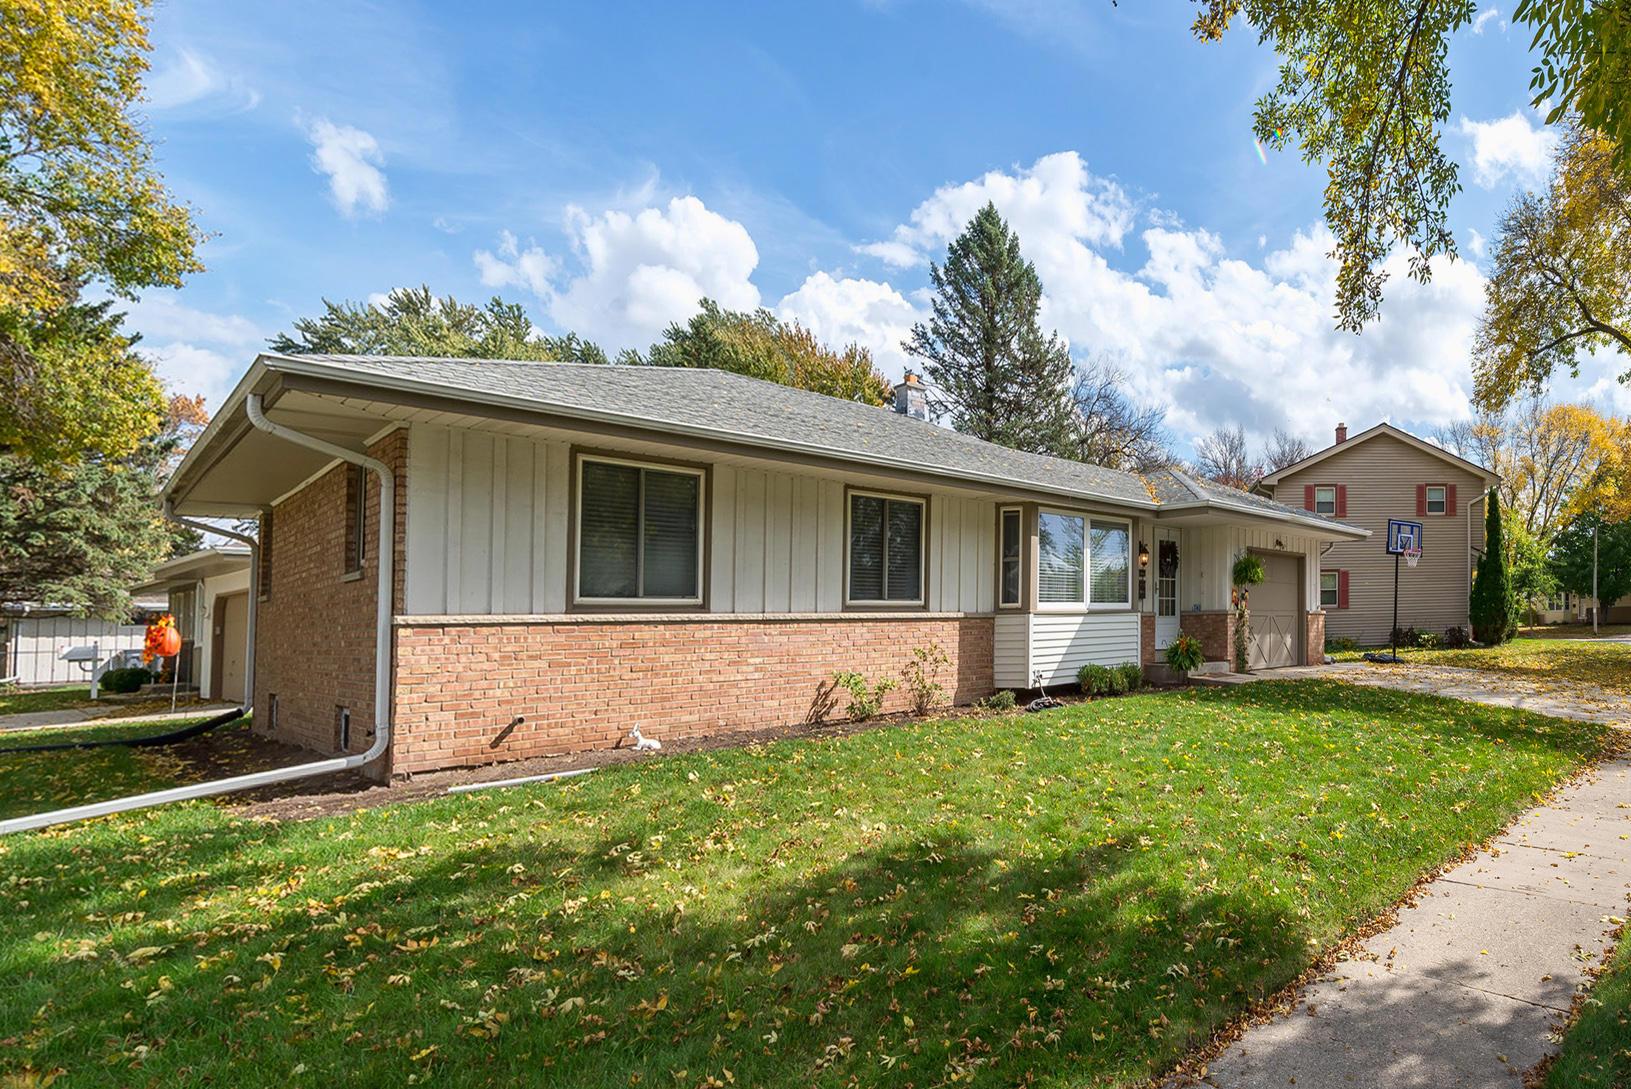 1838 De Witt Ct, Waukesha, Wisconsin 53186, 3 Bedrooms Bedrooms, 7 Rooms Rooms,2 BathroomsBathrooms,Single-Family,For Sale,De Witt Ct,1610026